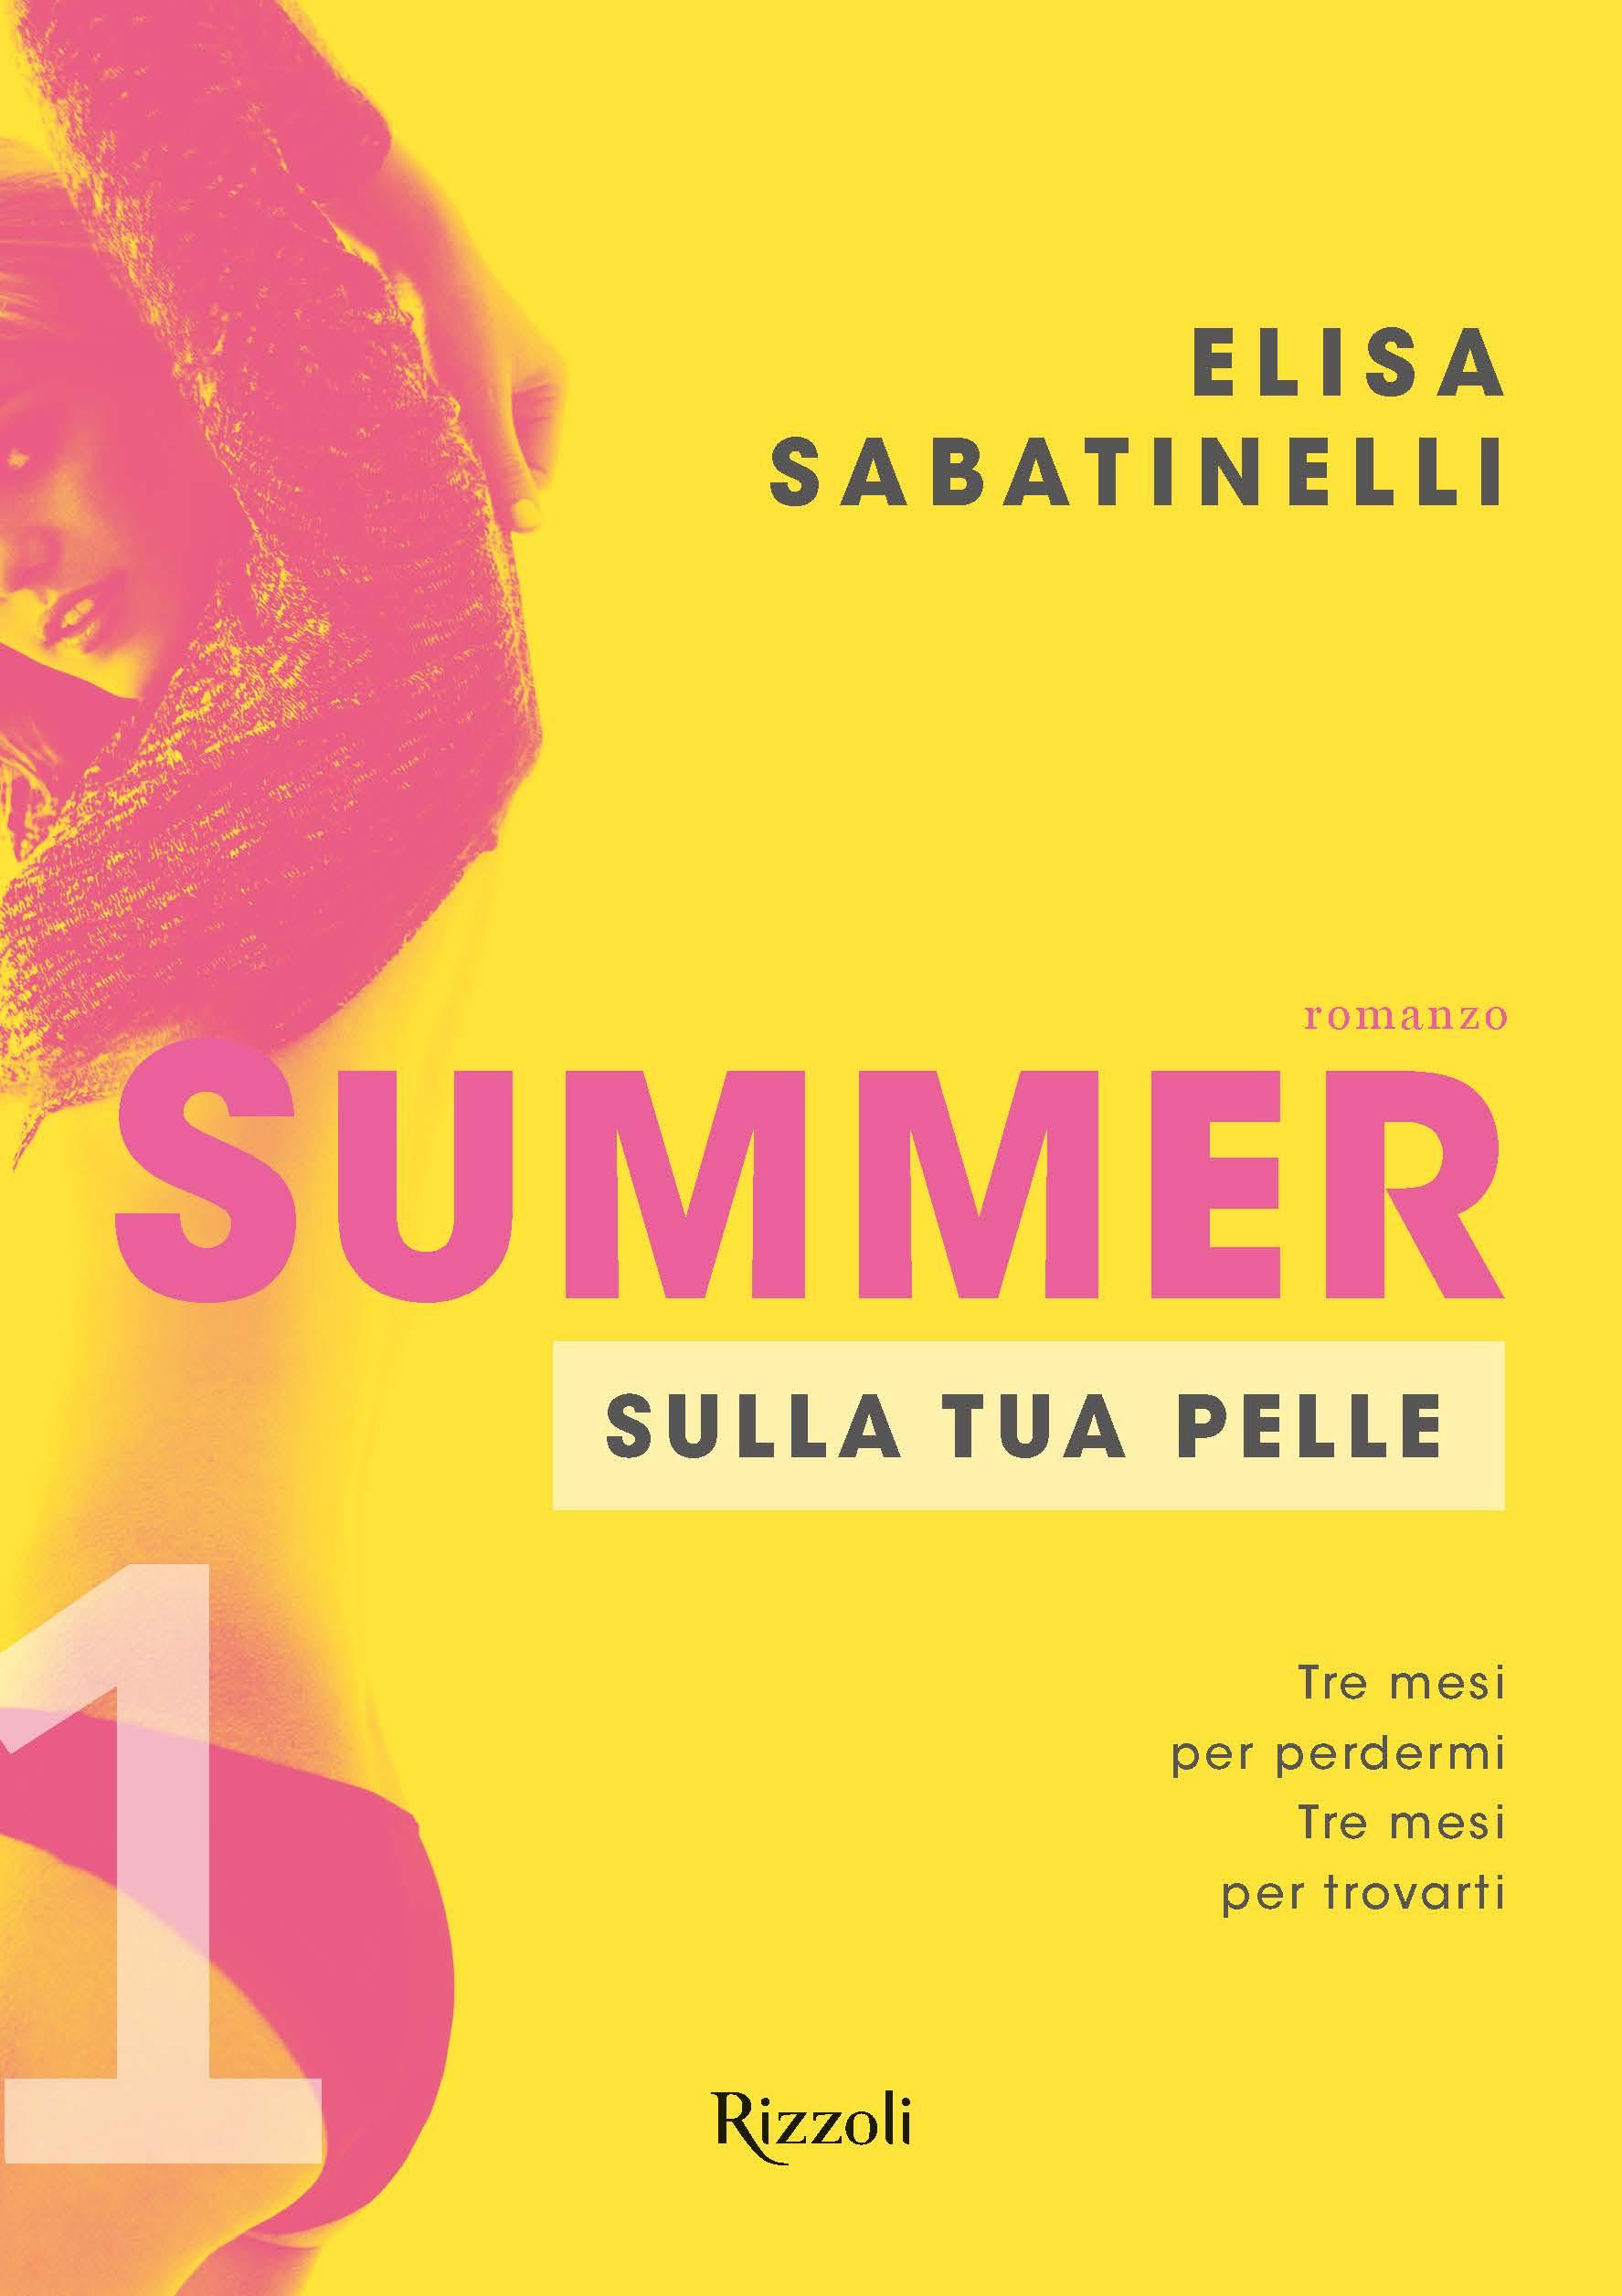 Sulla tua pelle<br> Summer 1